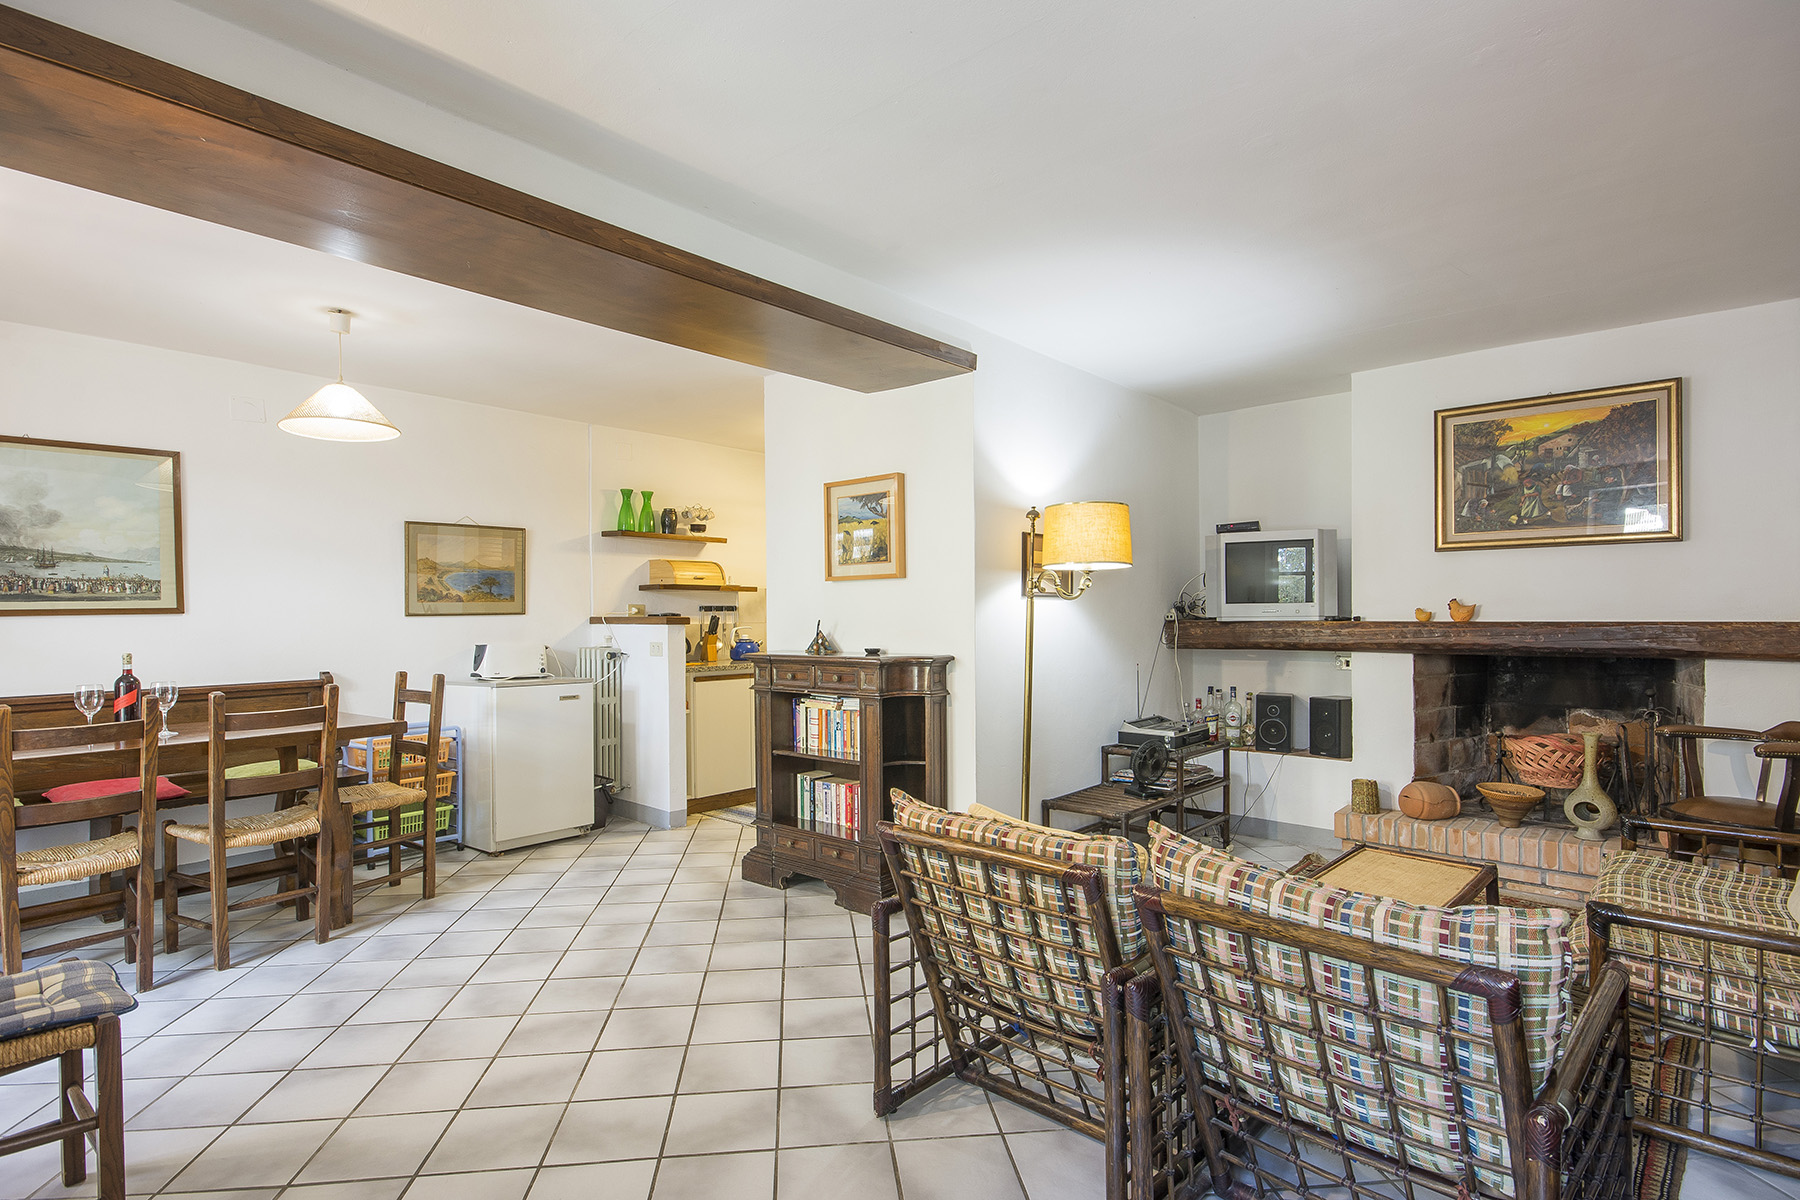 Rustico in Vendita a Monsummano Terme: 5 locali, 570 mq - Foto 21